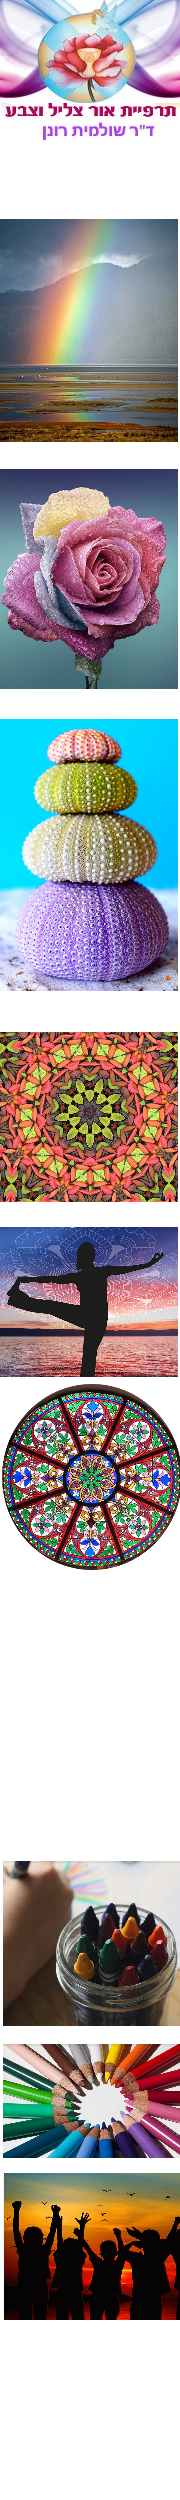 ביה'ס לתרפיית אור צליל וצבע - דר' שולמית רונן - קורסי אבחון וטיפול באמצעות צבעים - דר שולמית רונן